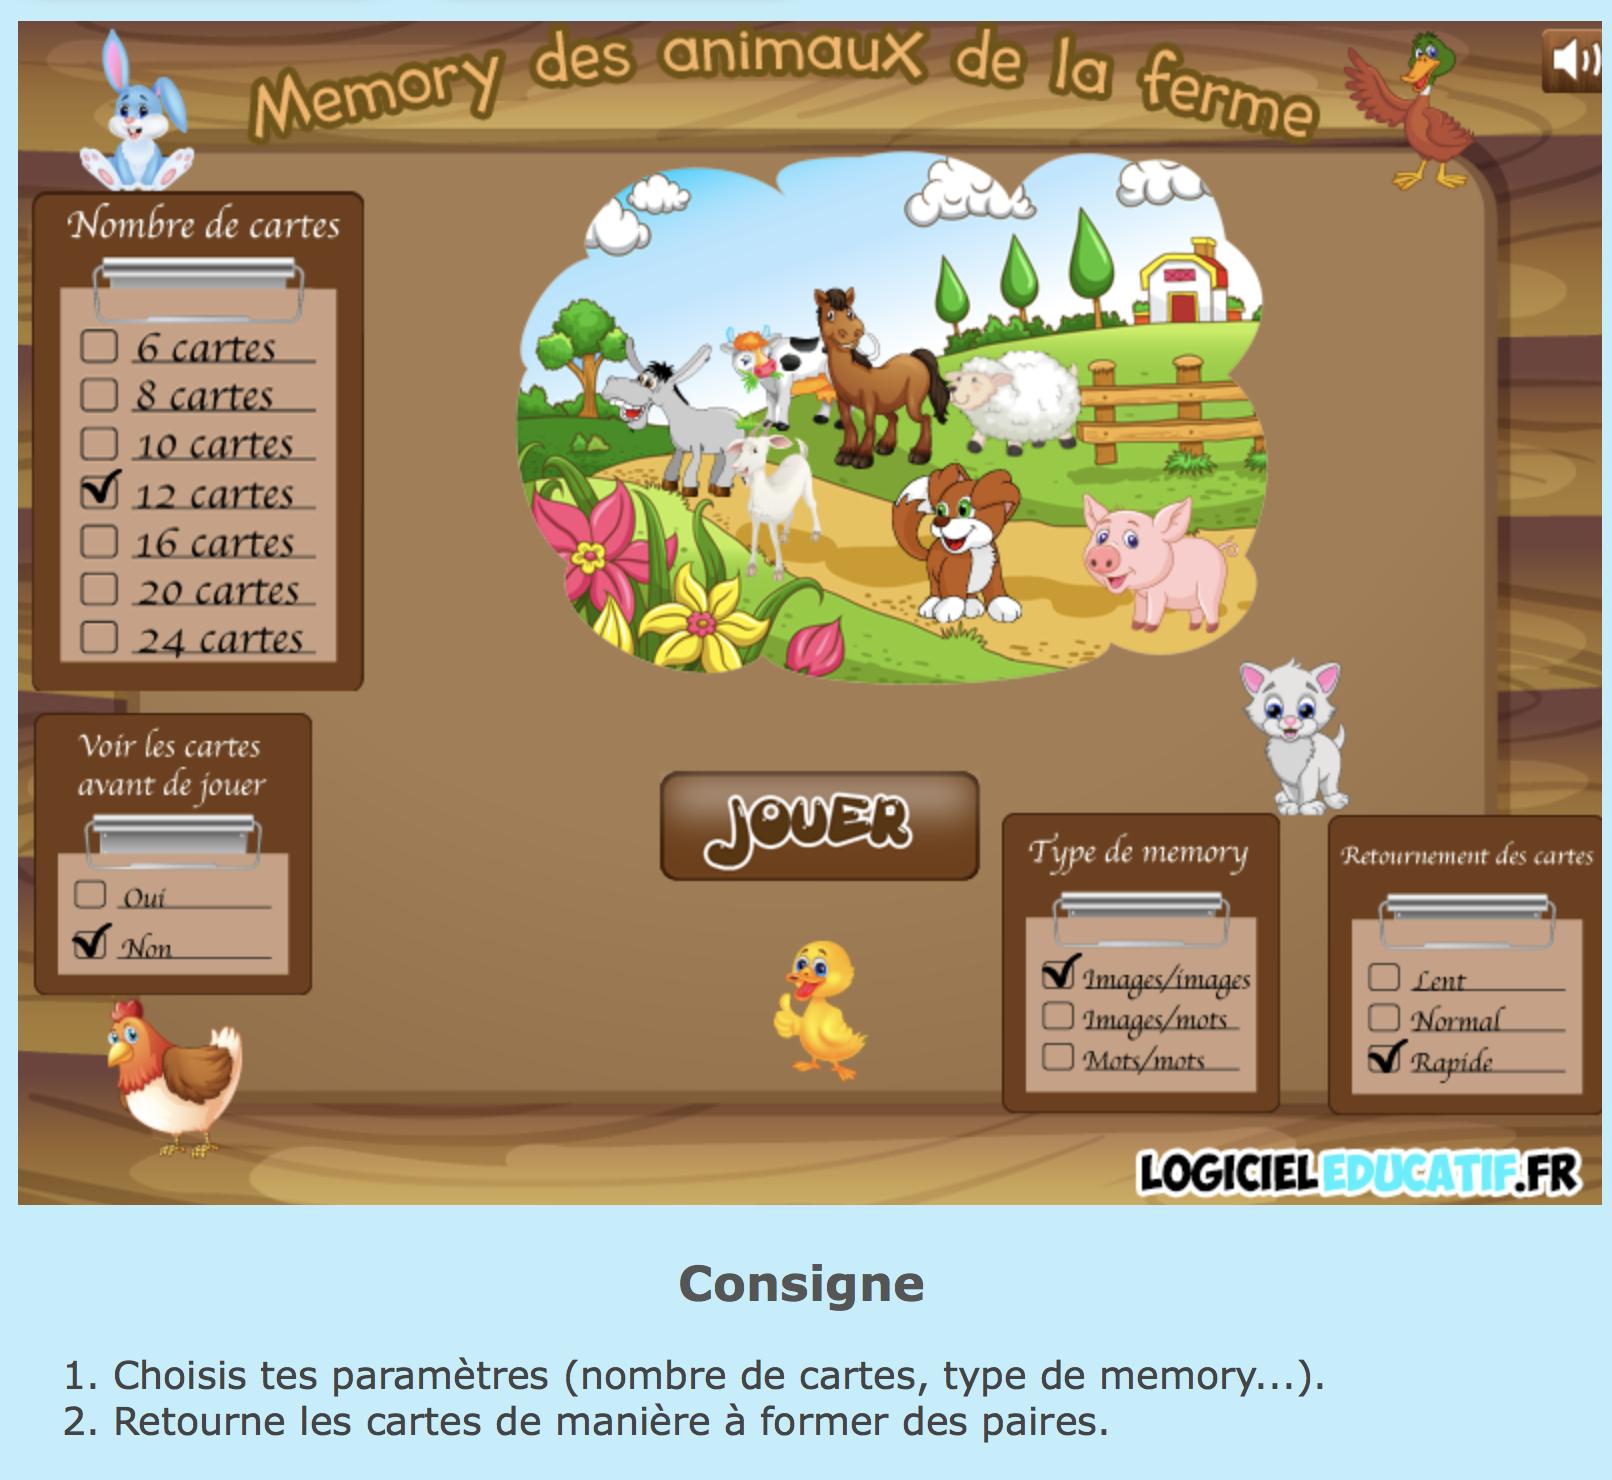 Memory Animaux De La Ferme | Bdrp concernant Jeux Les Animaux De La Ferme